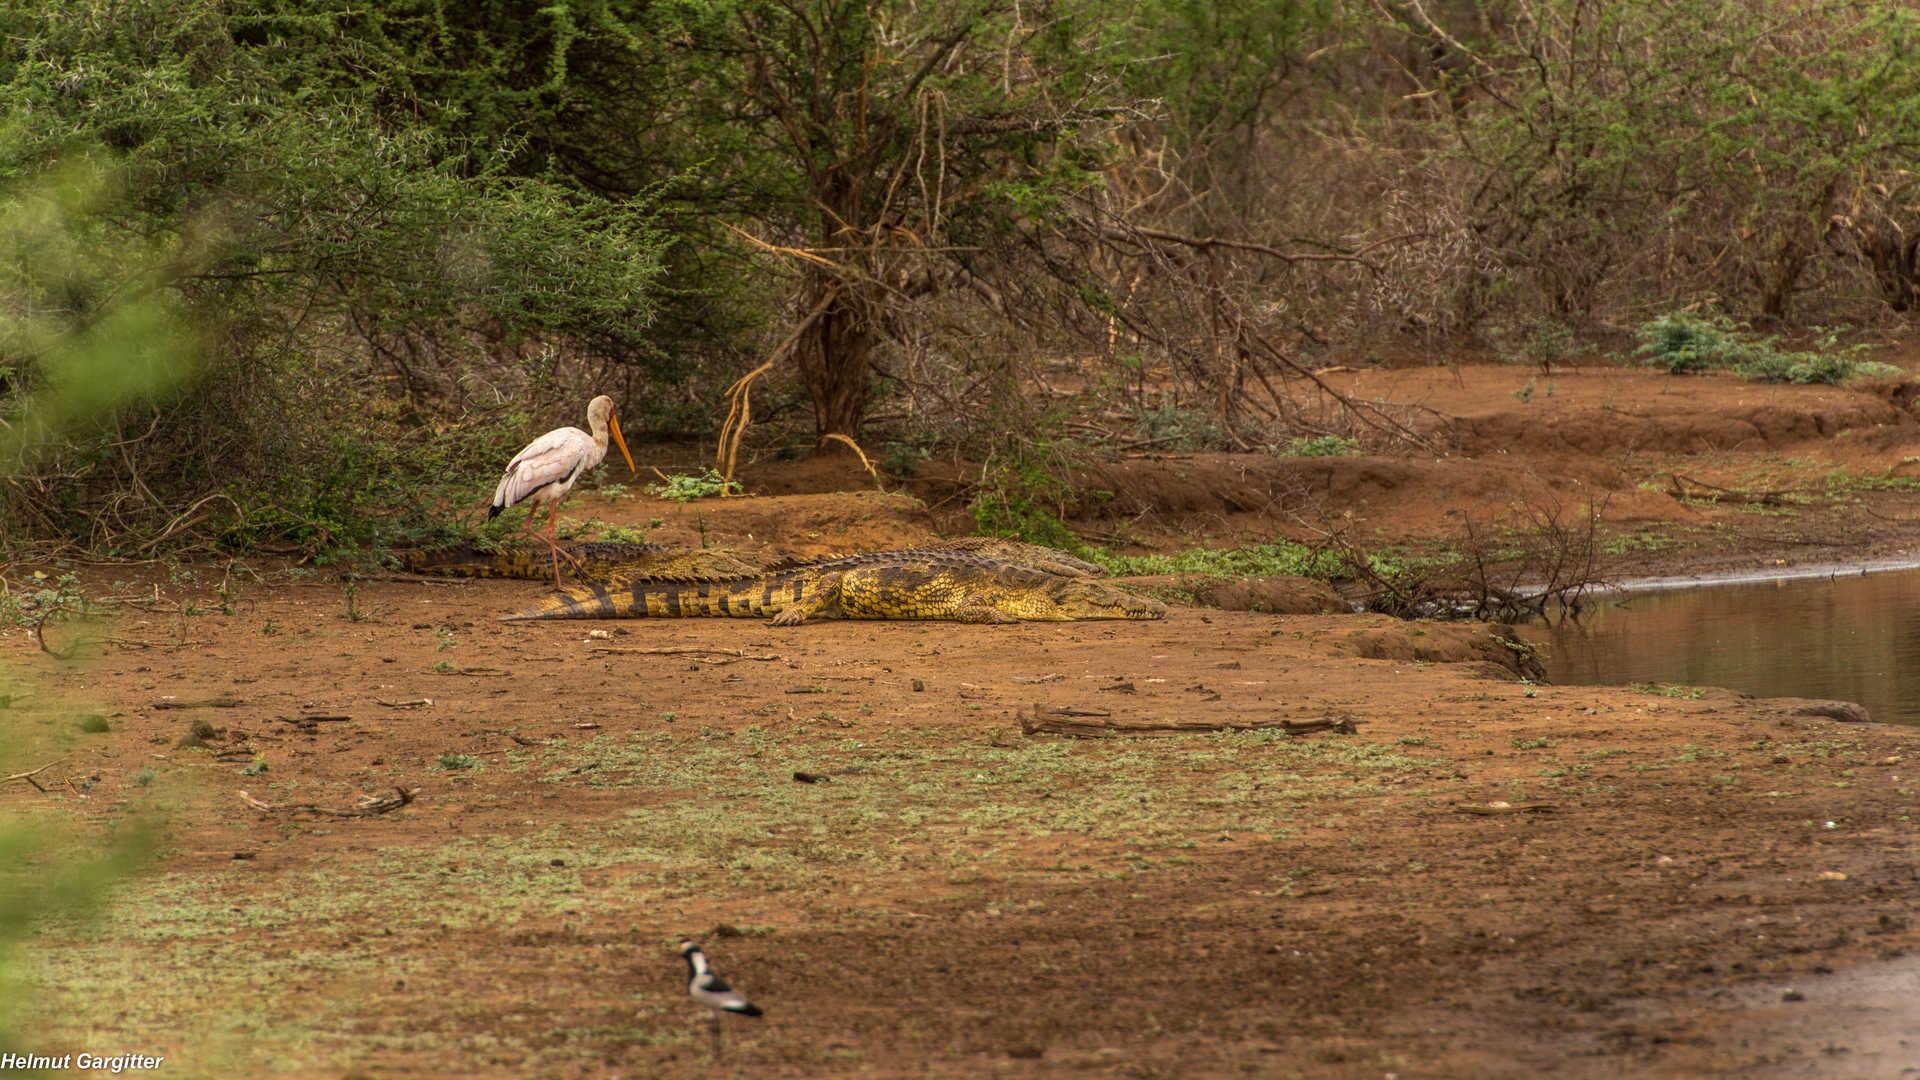 Der Storch scheint dem Krokodil egal zu sein